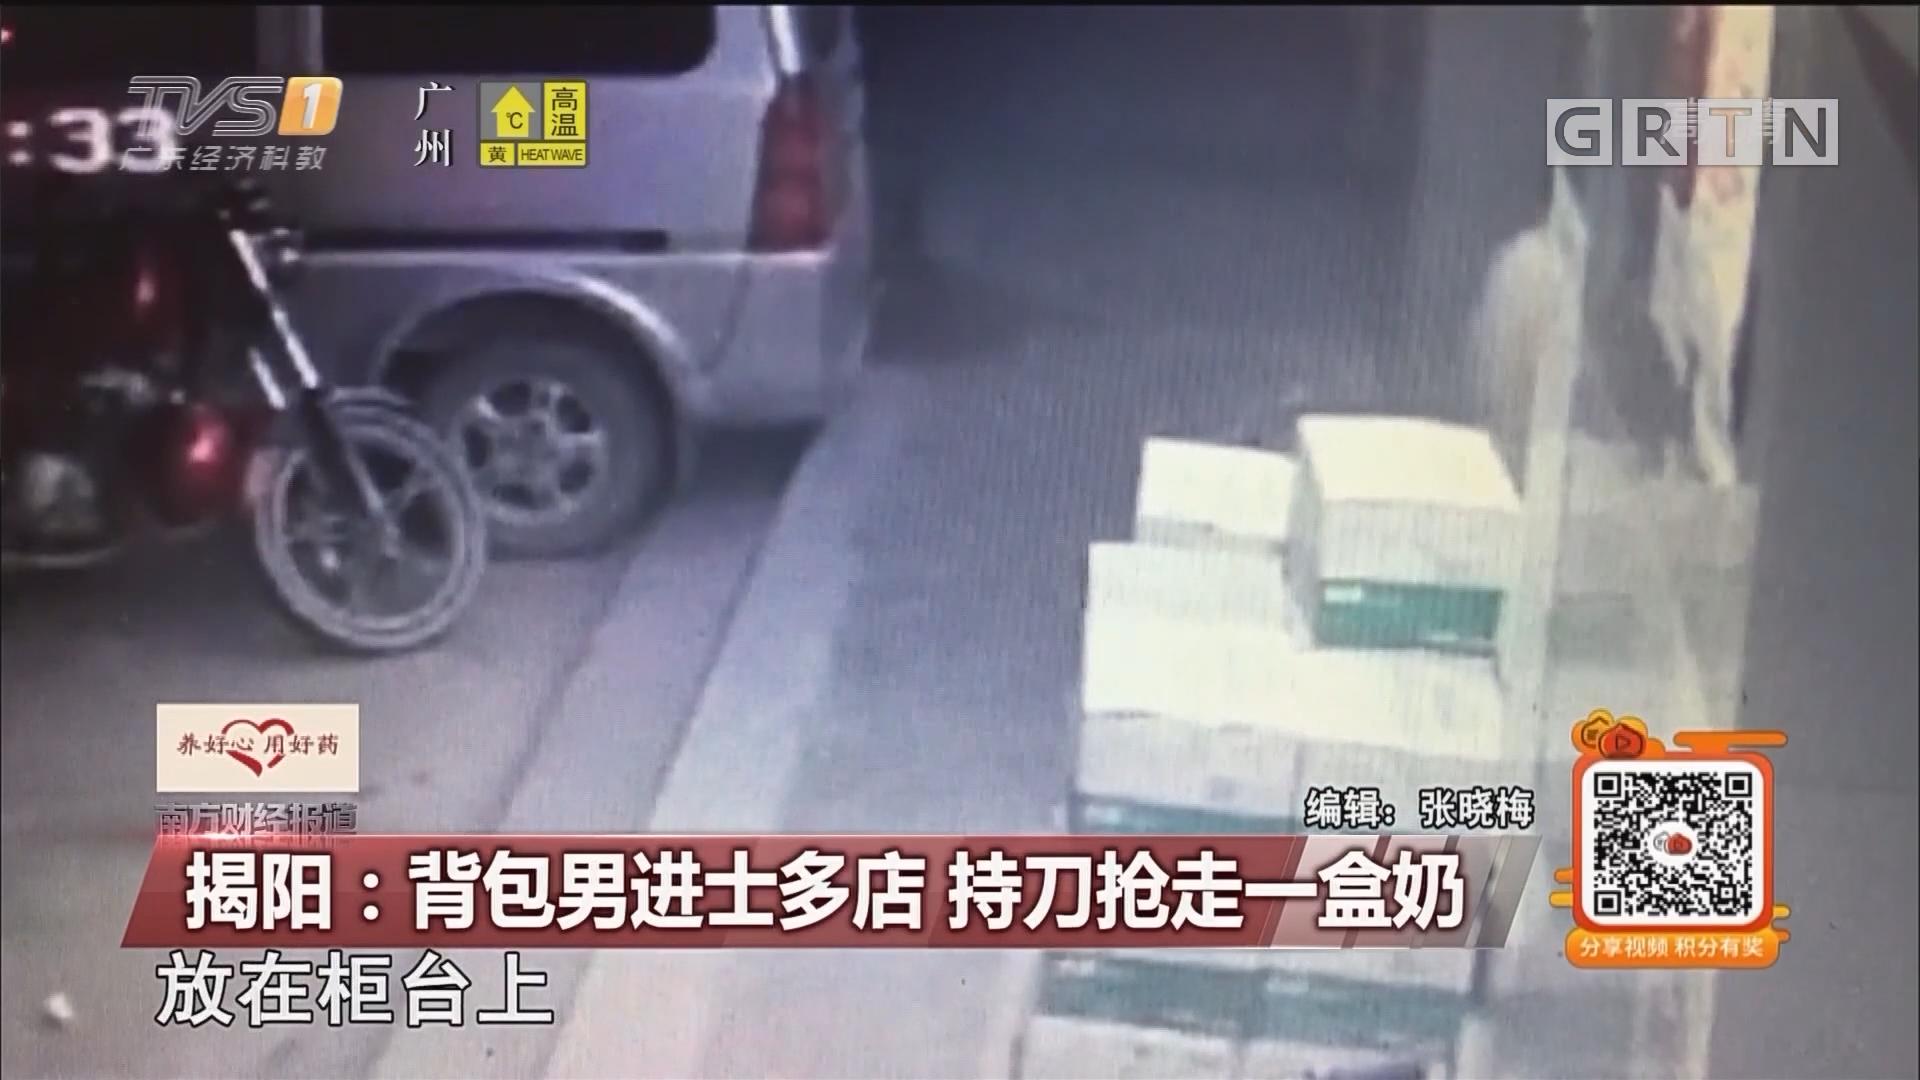 揭阳:背包男进士多店 持刀抢走一盒奶